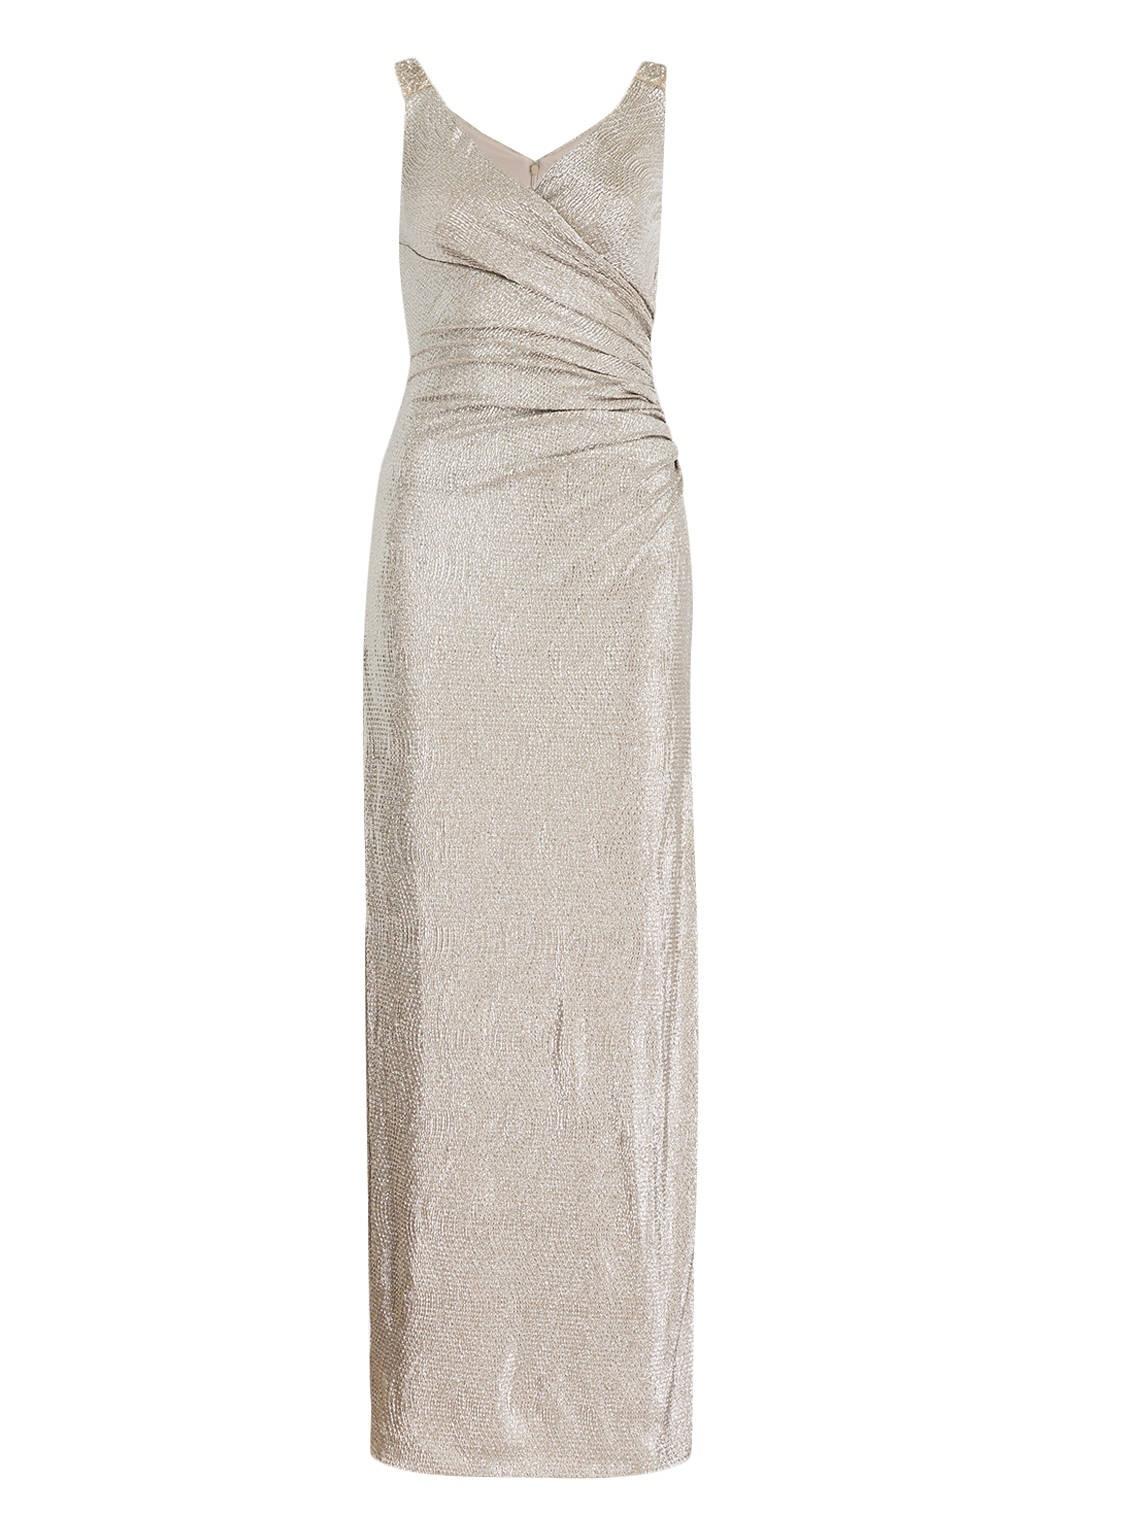 17 Elegant Abendkleider Shop Bester Preis17 Elegant Abendkleider Shop Bester Preis